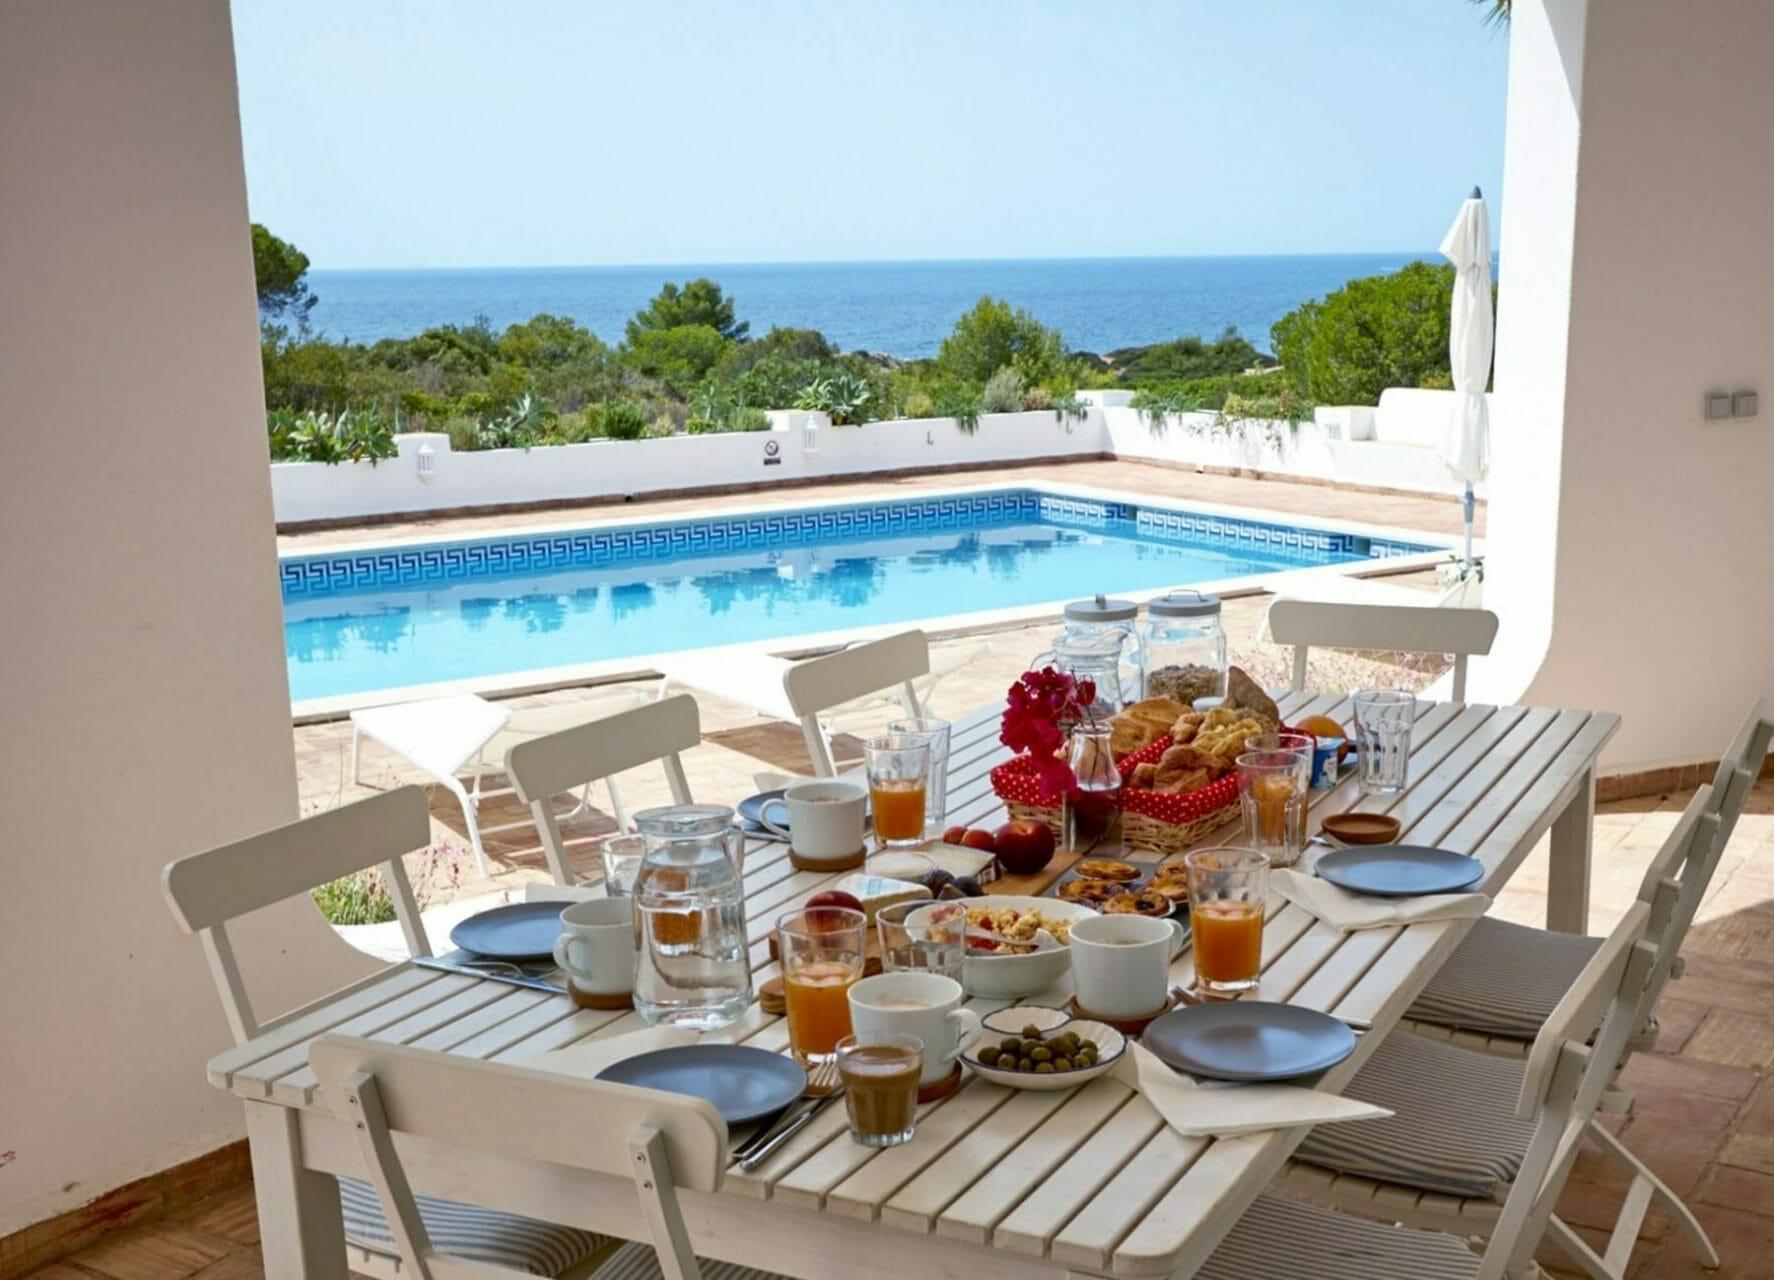 Yoga Retreat - Gedeckter Tisch mit Frühstück und Meerblick über Pool